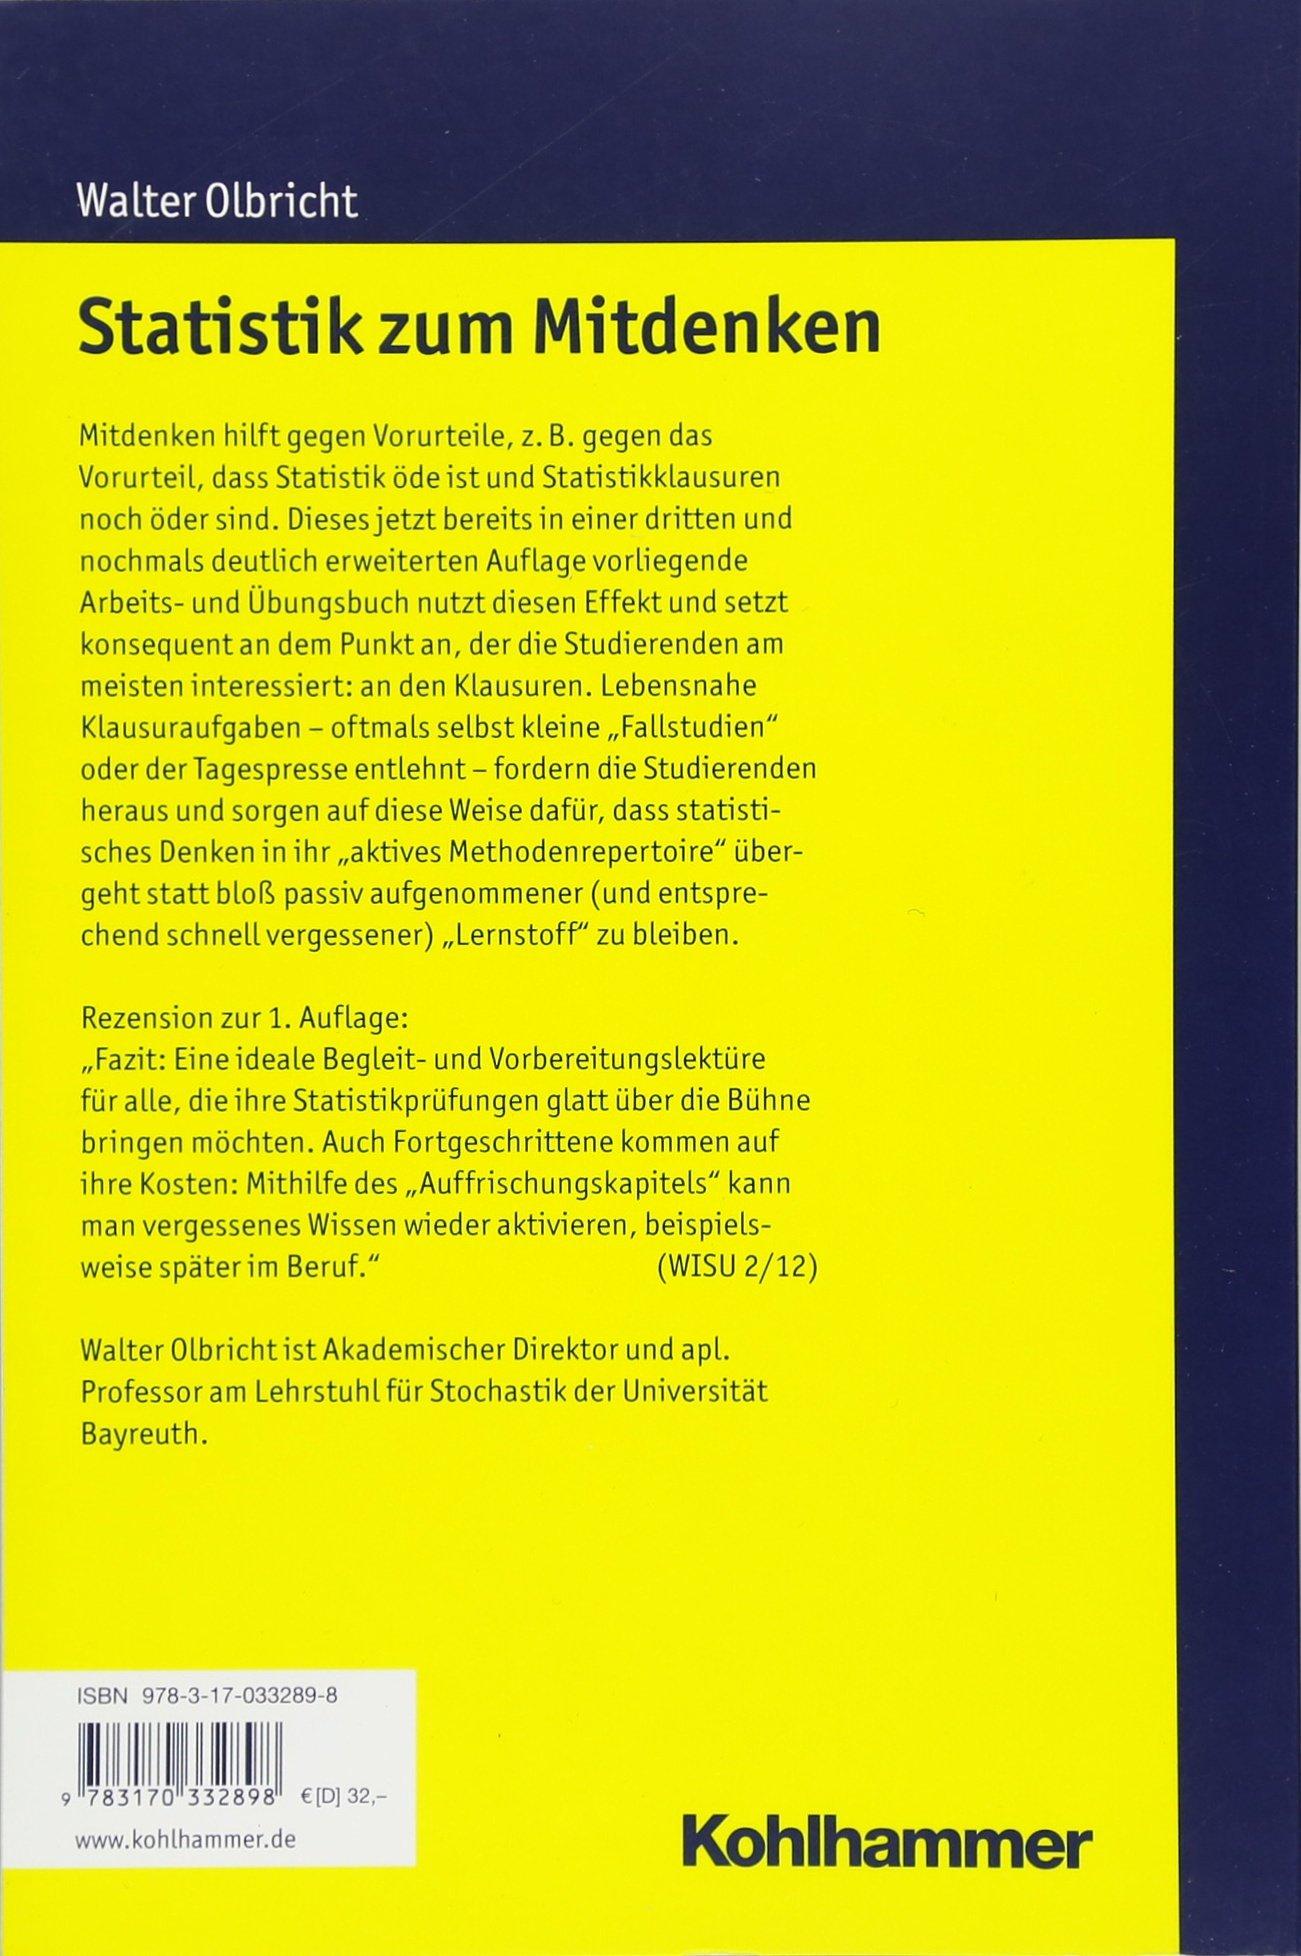 Statistik zum Mitdenken: Ein Arbeits- und Übungsbuch: Amazon